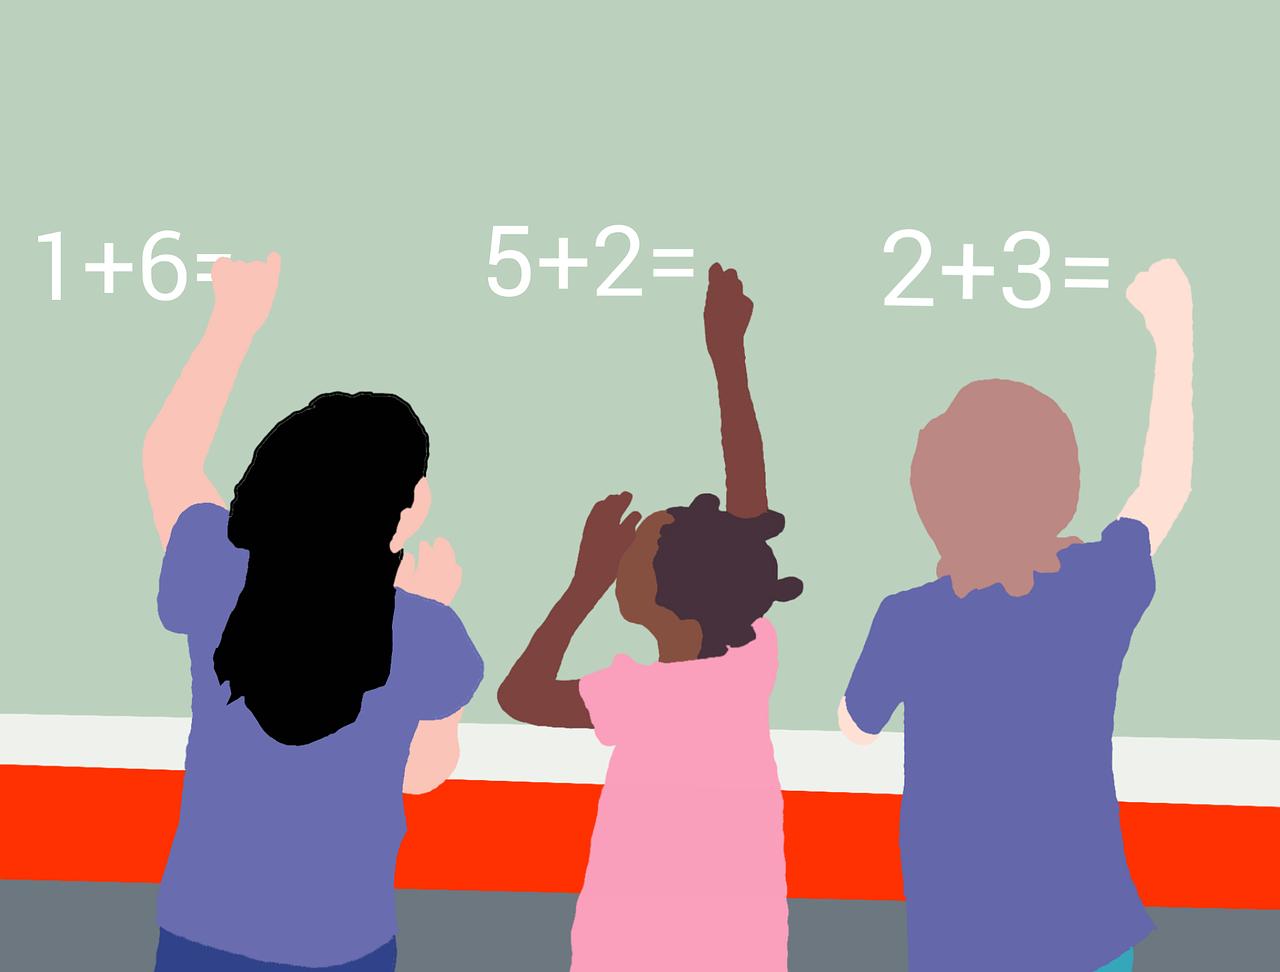 Cartoon of kids doing math